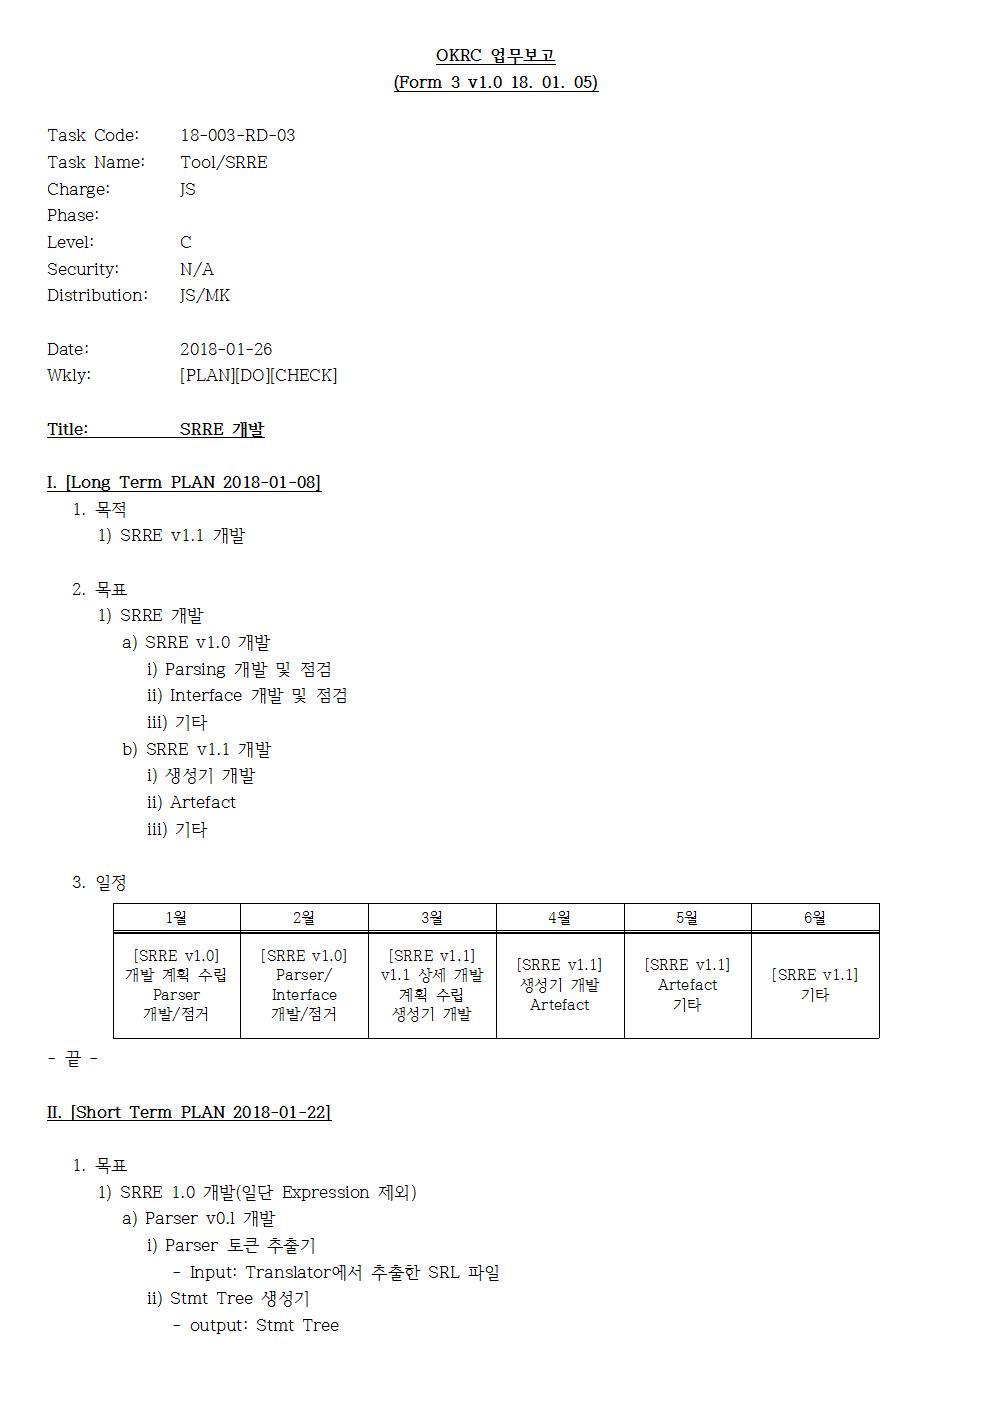 D-[18-003-RD-03]-[SRRE]-[2018-01-26][JS]001.jpg